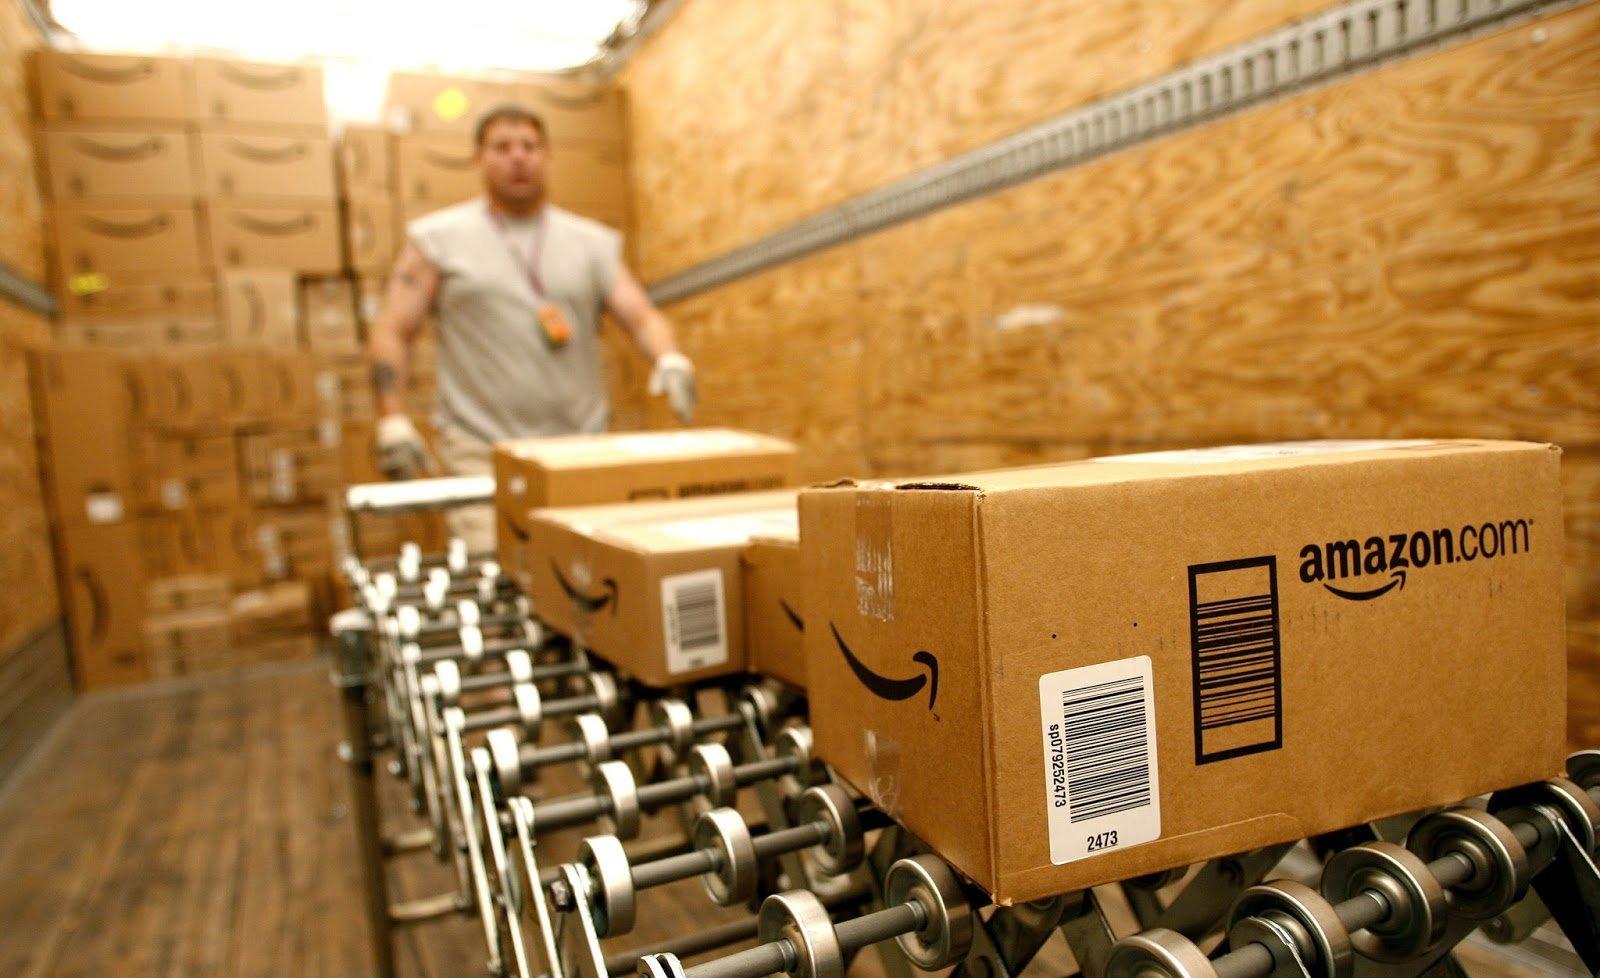 Amazon offre libri gratis a chi ha Amazon Prime